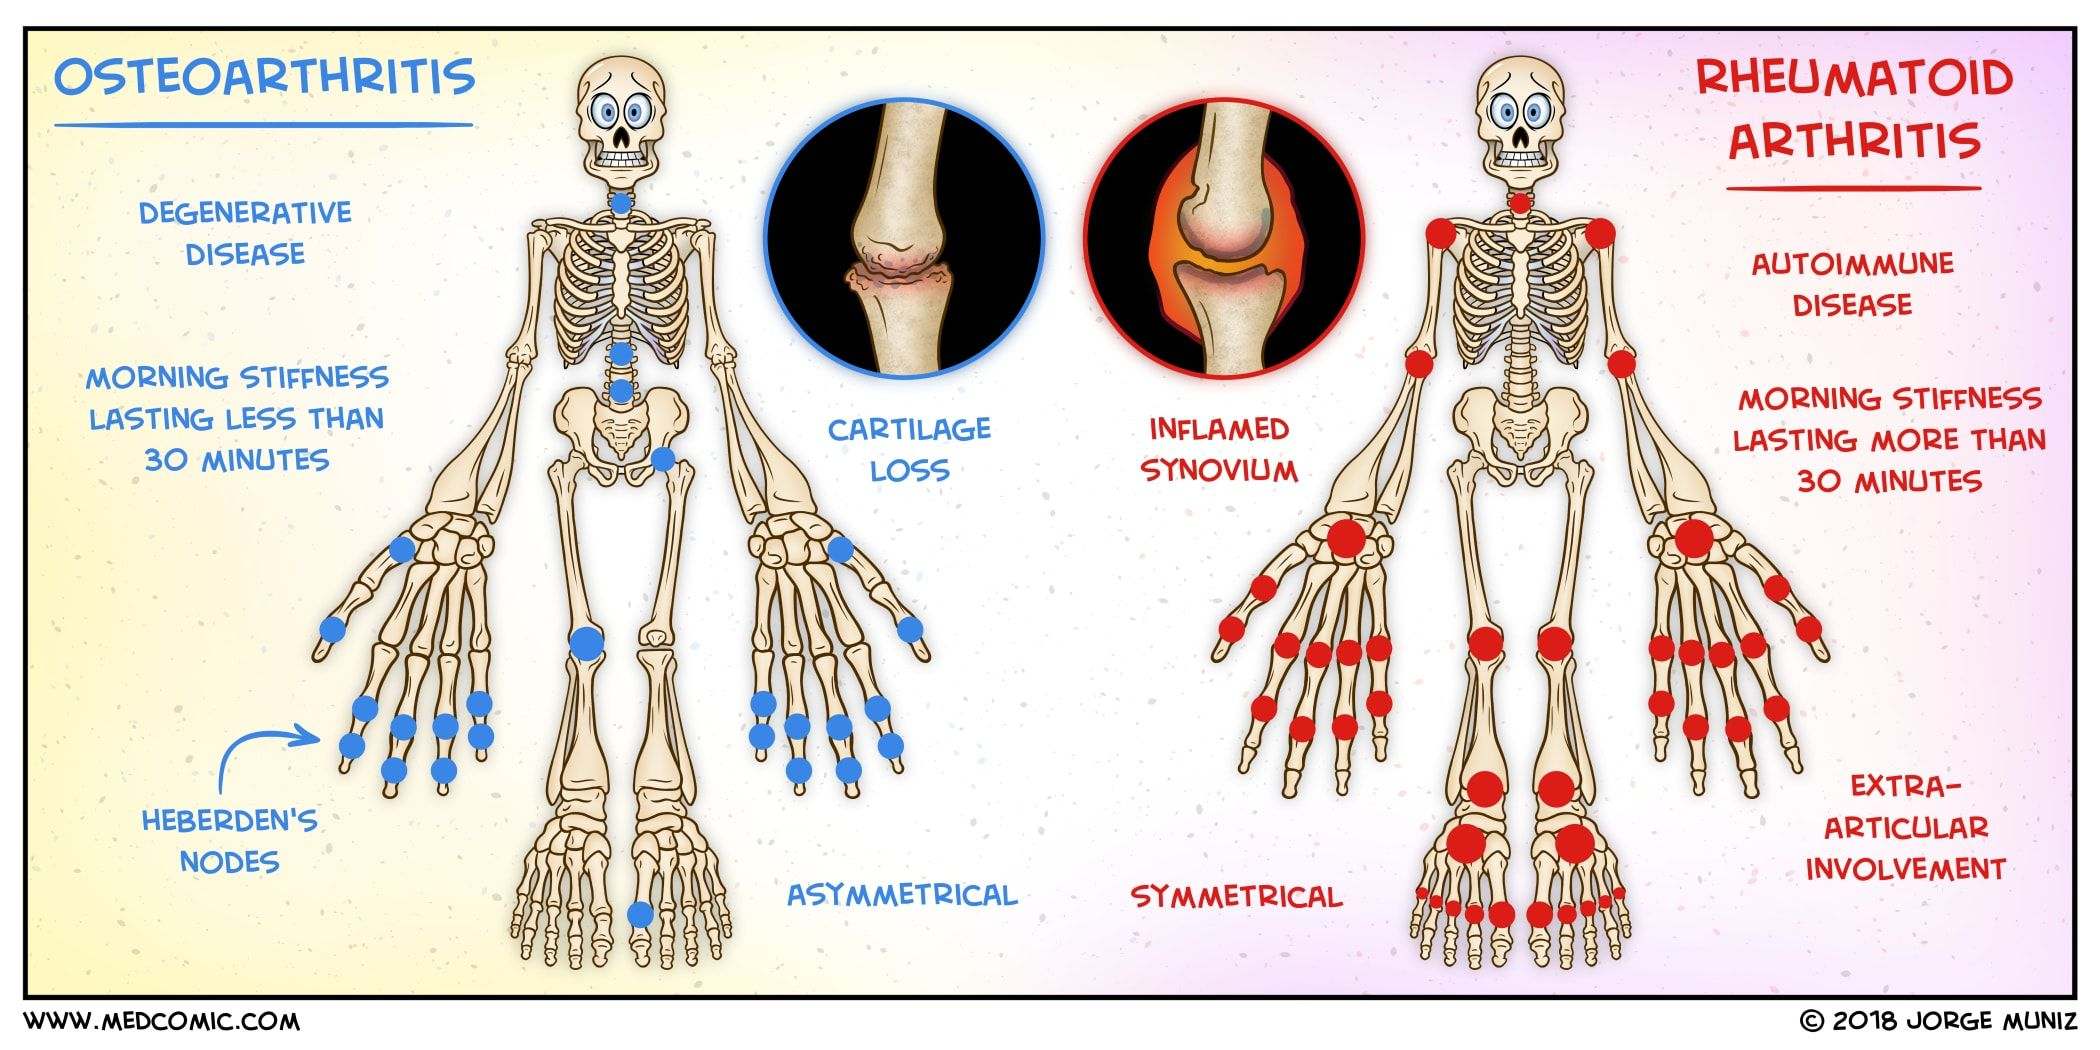 Osteoarthritis Vs Rheumatoid Arthritis Medcomic